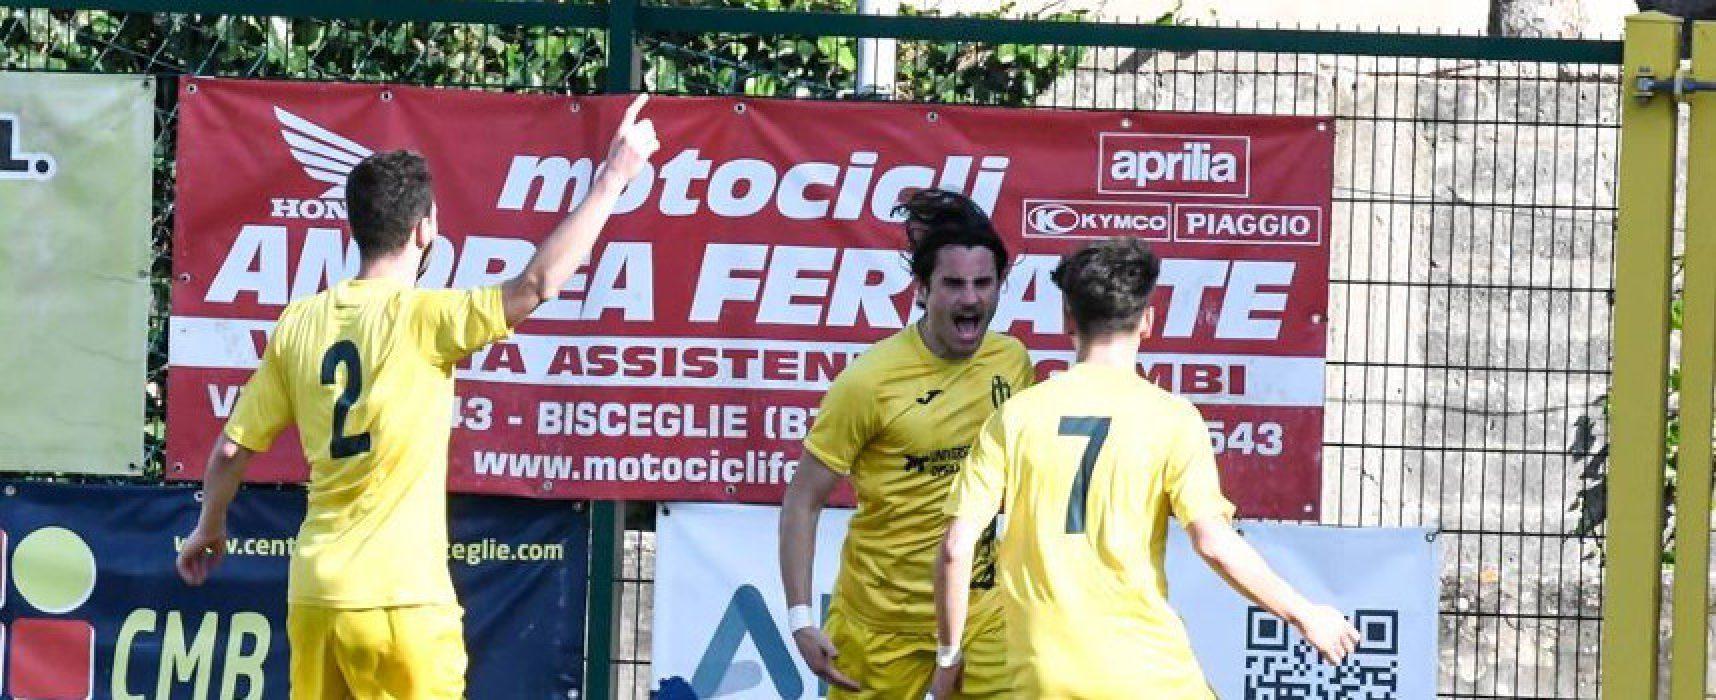 Calcio: cambia il format in Eccellenza, novità anche in Promozione